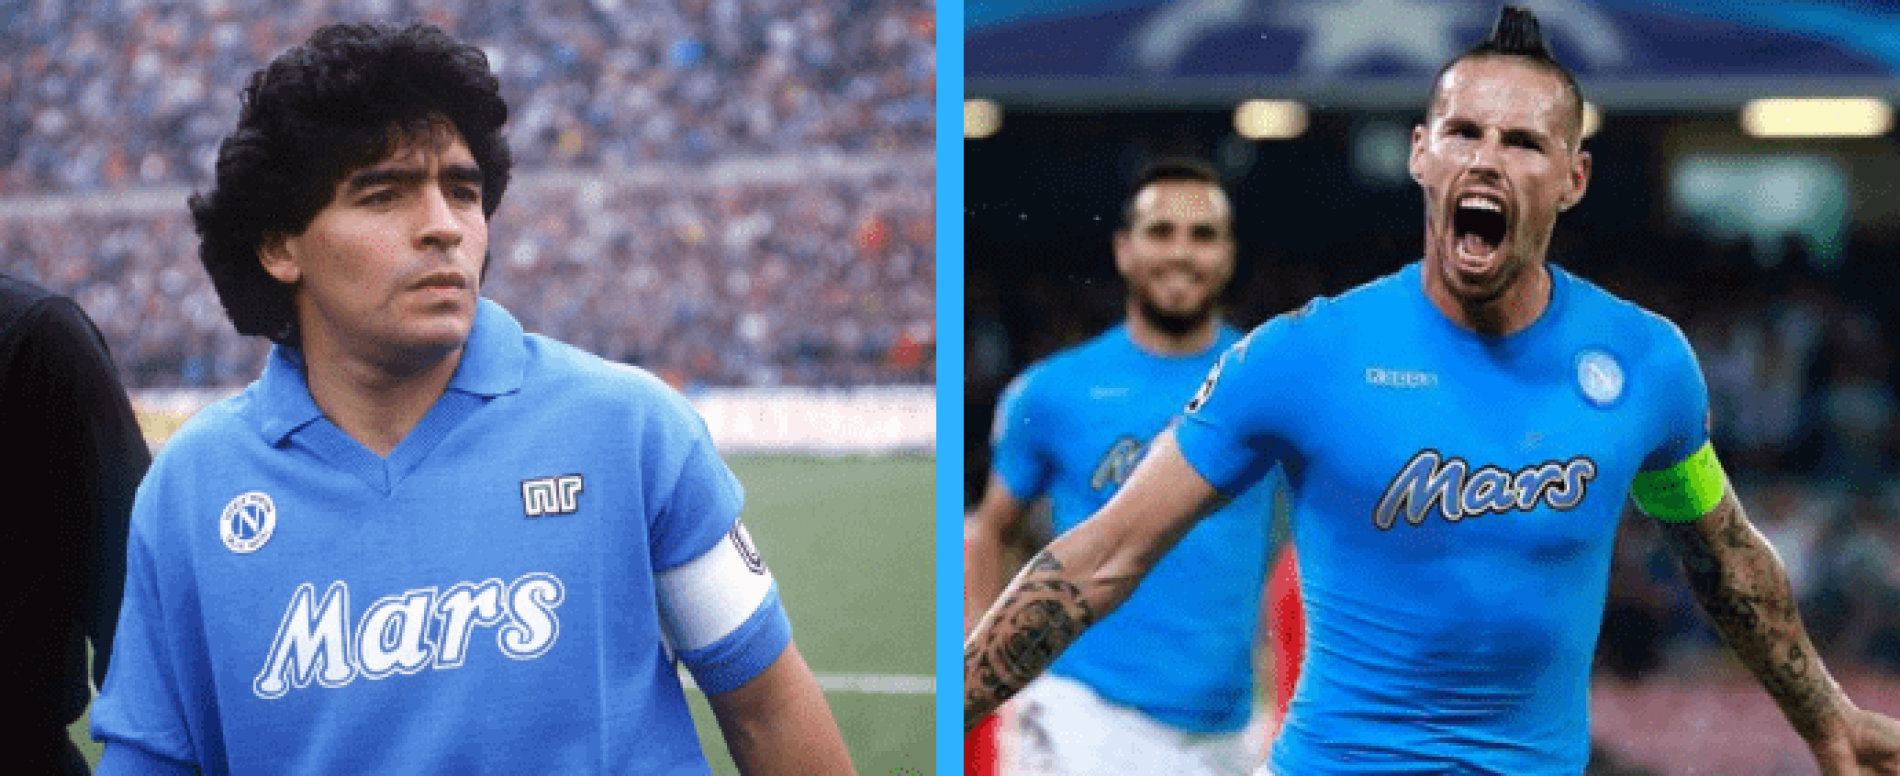 La storia d'amore tra MARS Italia e SSC Napoli continua